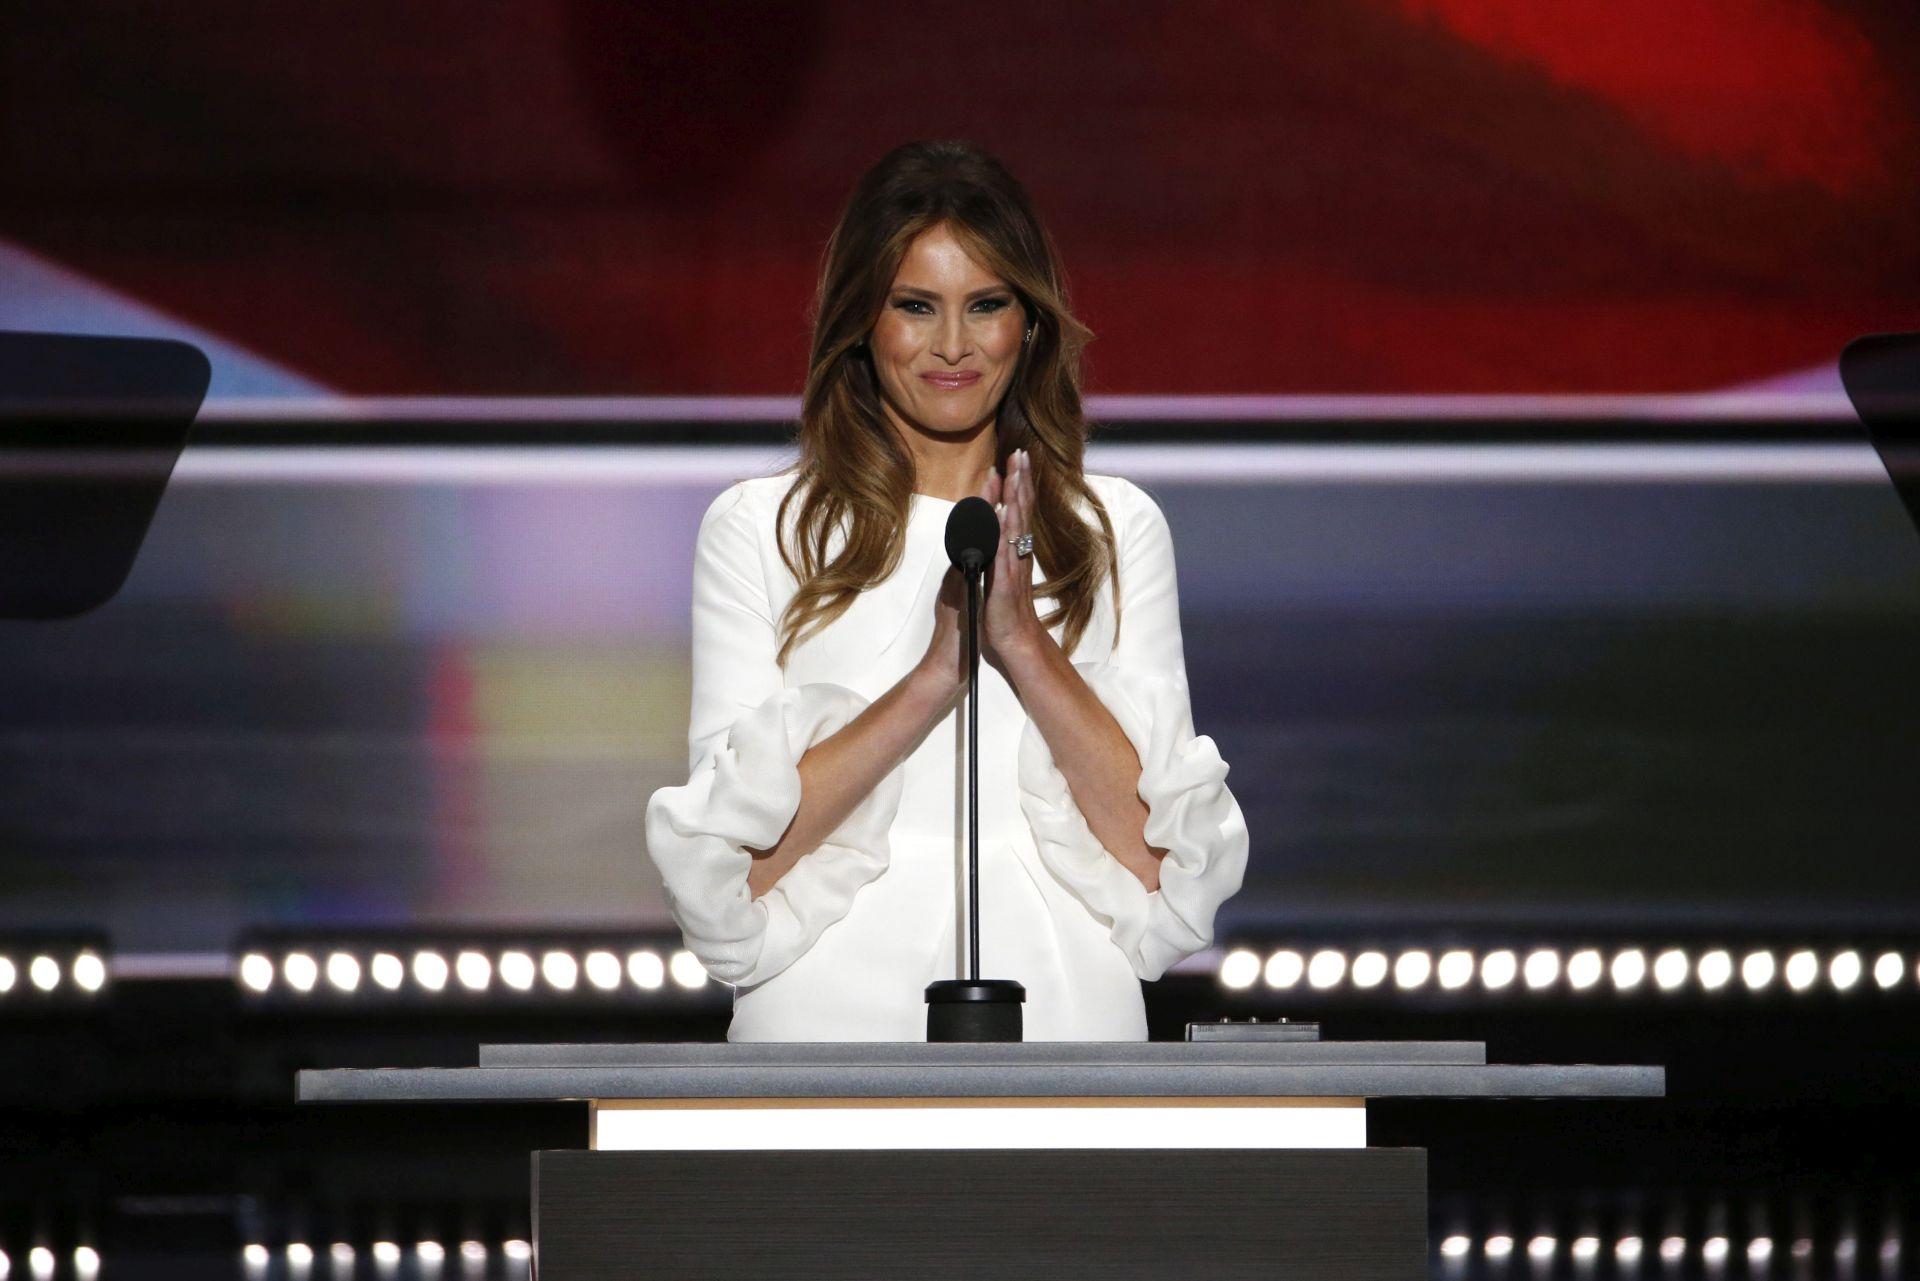 """PREDSJEDNIČKI IZBORI: Melania opisala supruga Trumpa kao """"brižnog i odlučnog"""" vođu"""